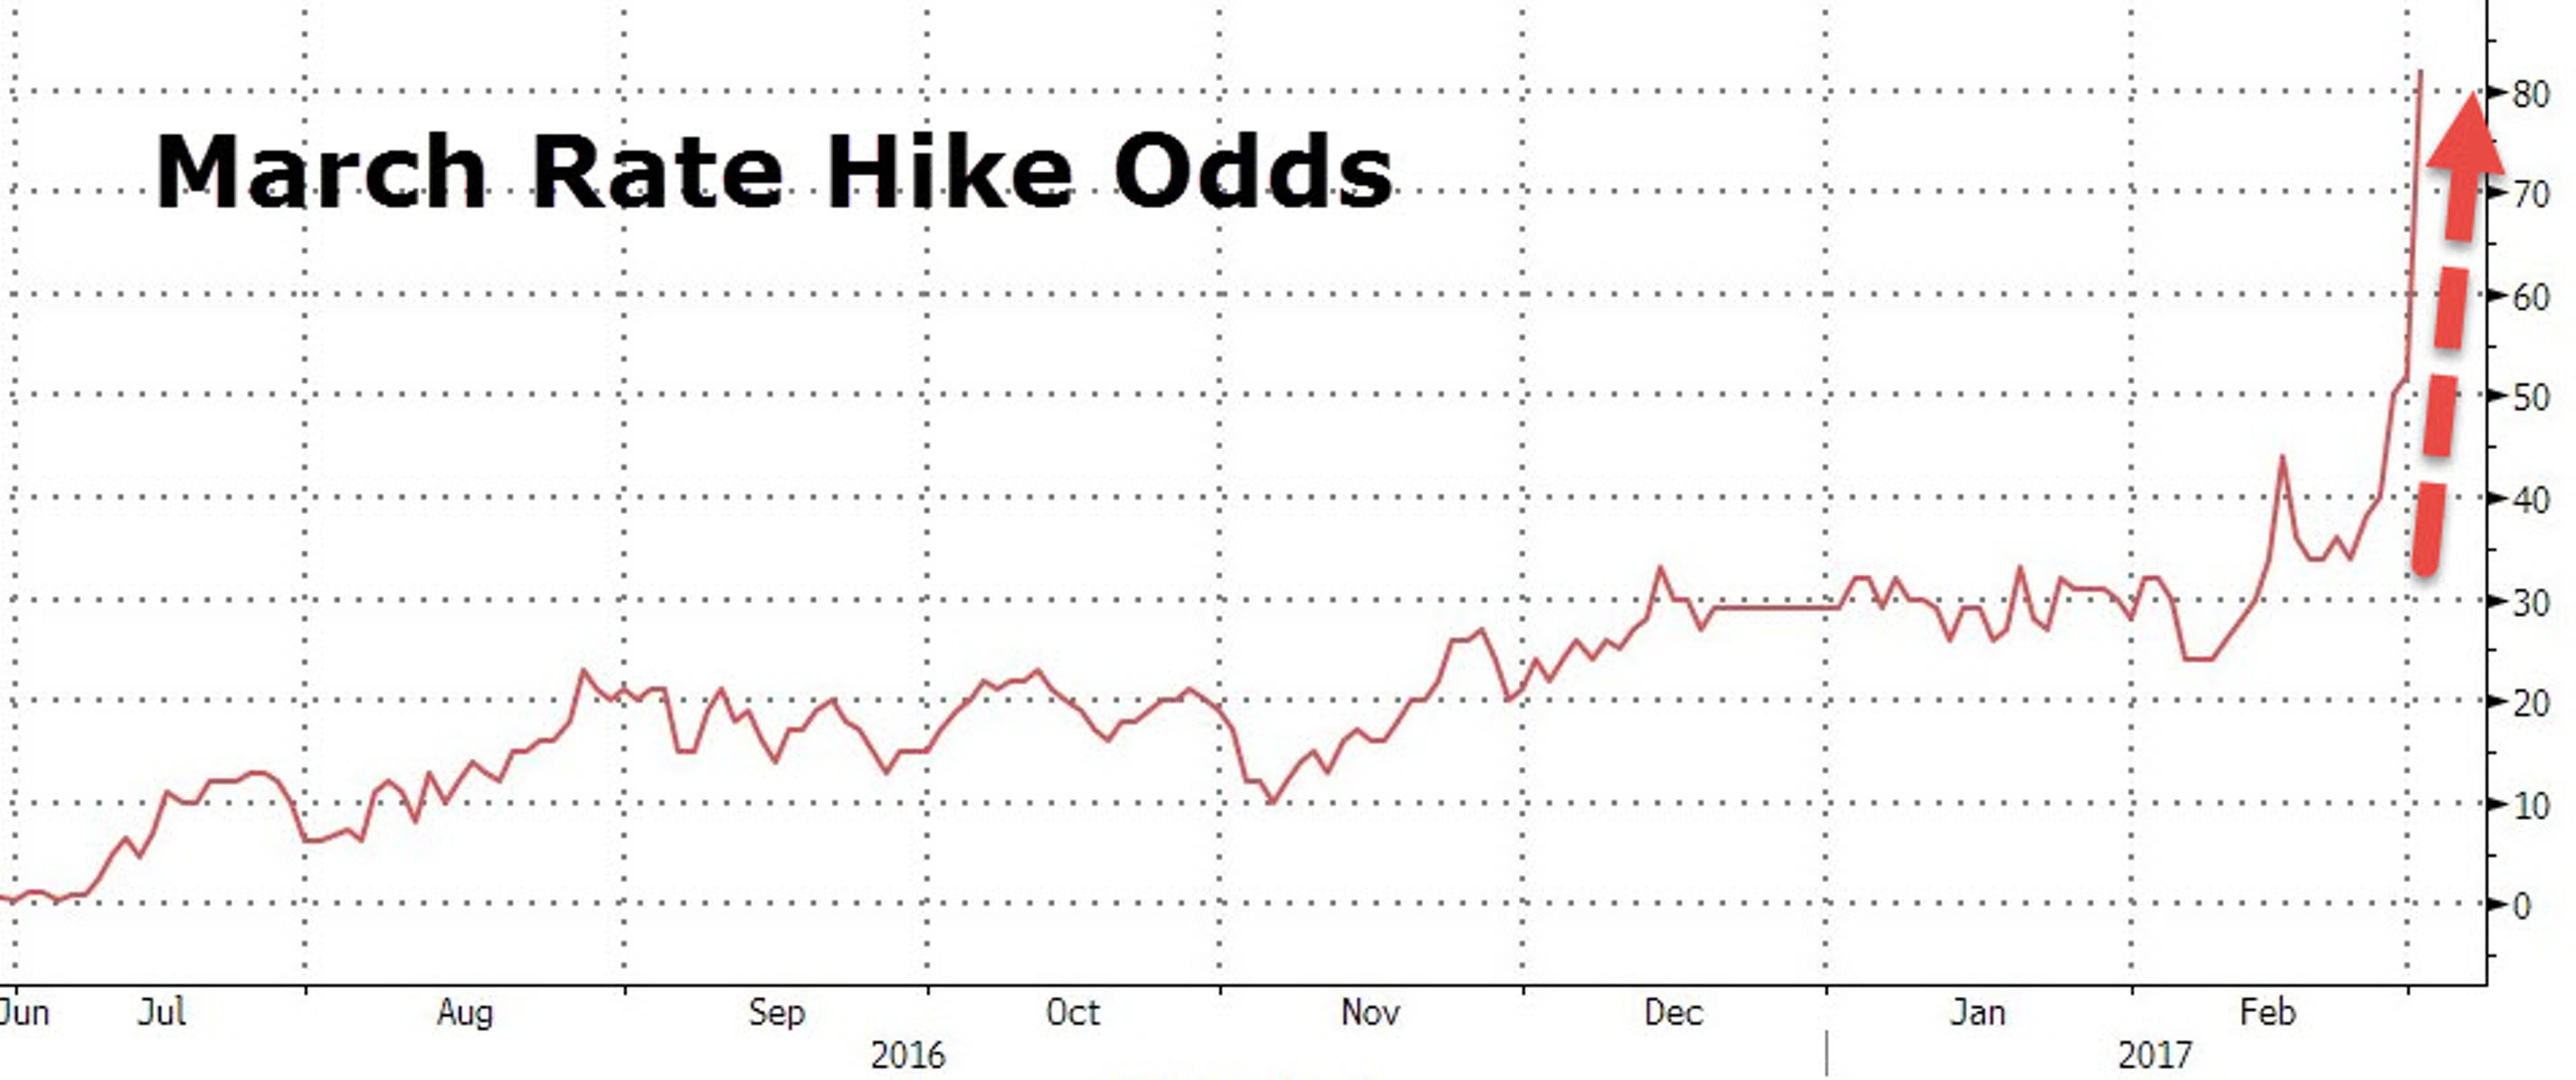 ФРС ставит рынок под угрозу